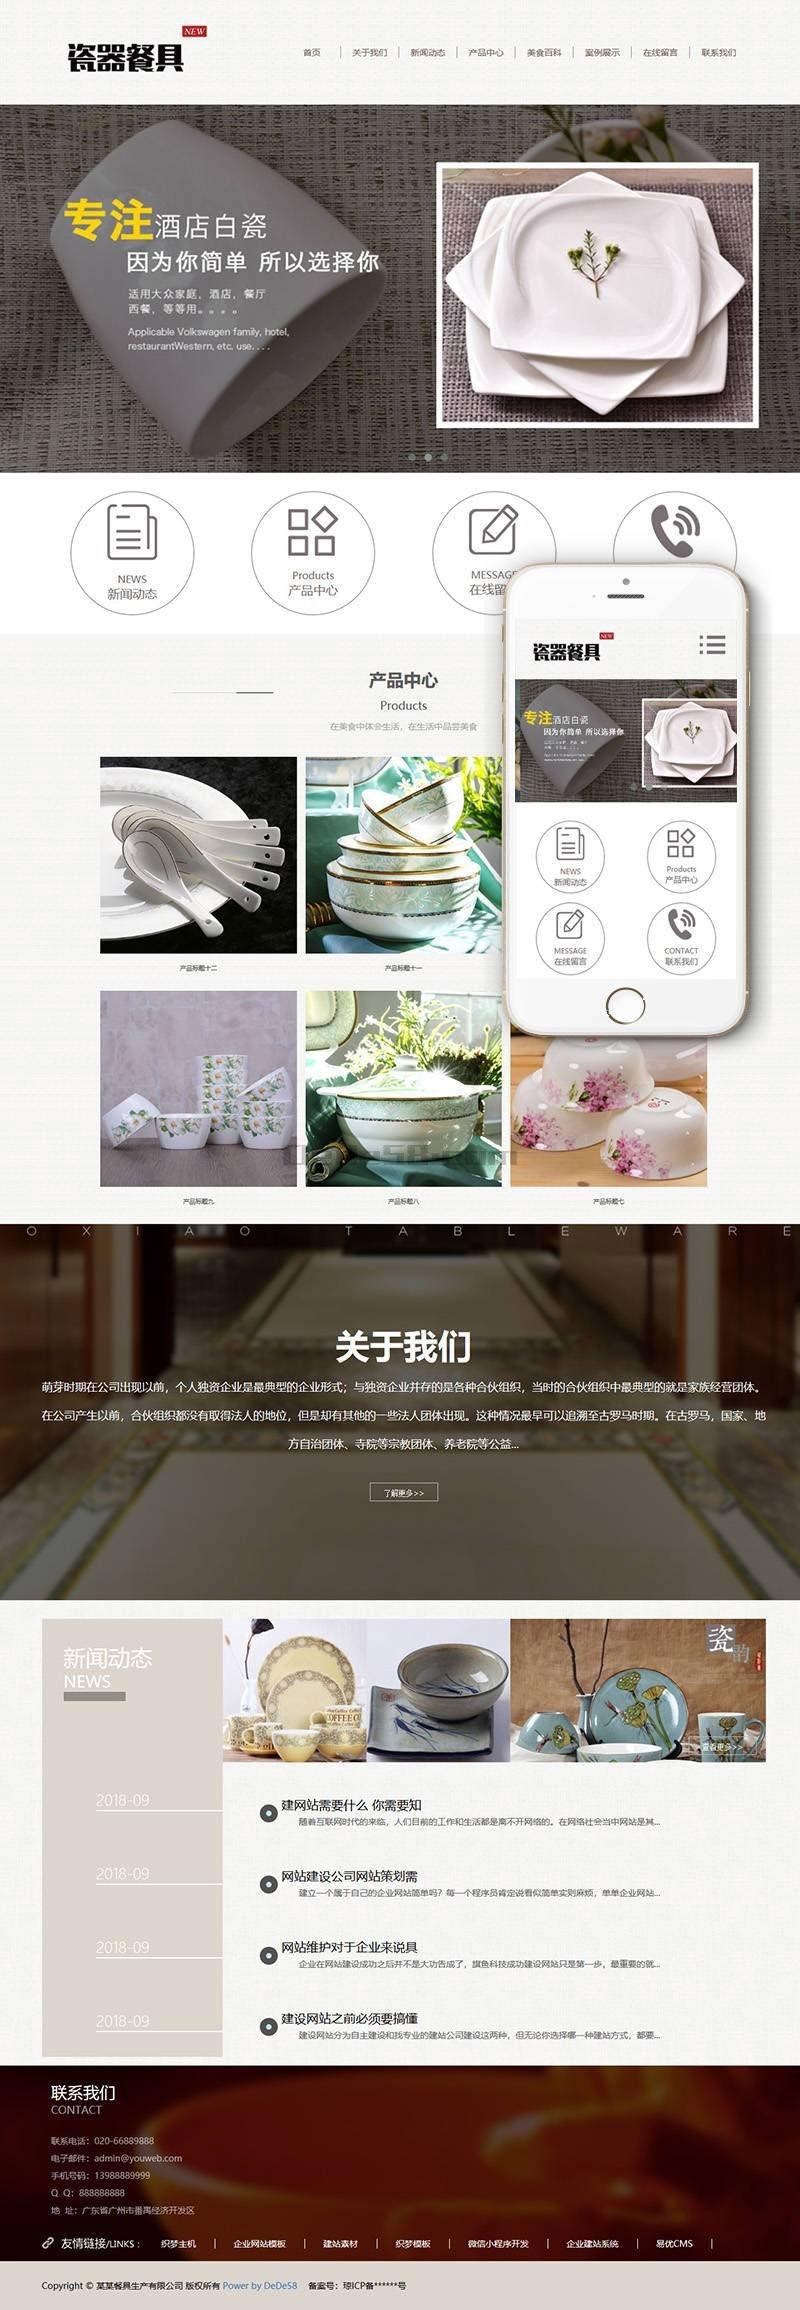 响应式瓷器餐具公司网站模板(自适应手机移动端)